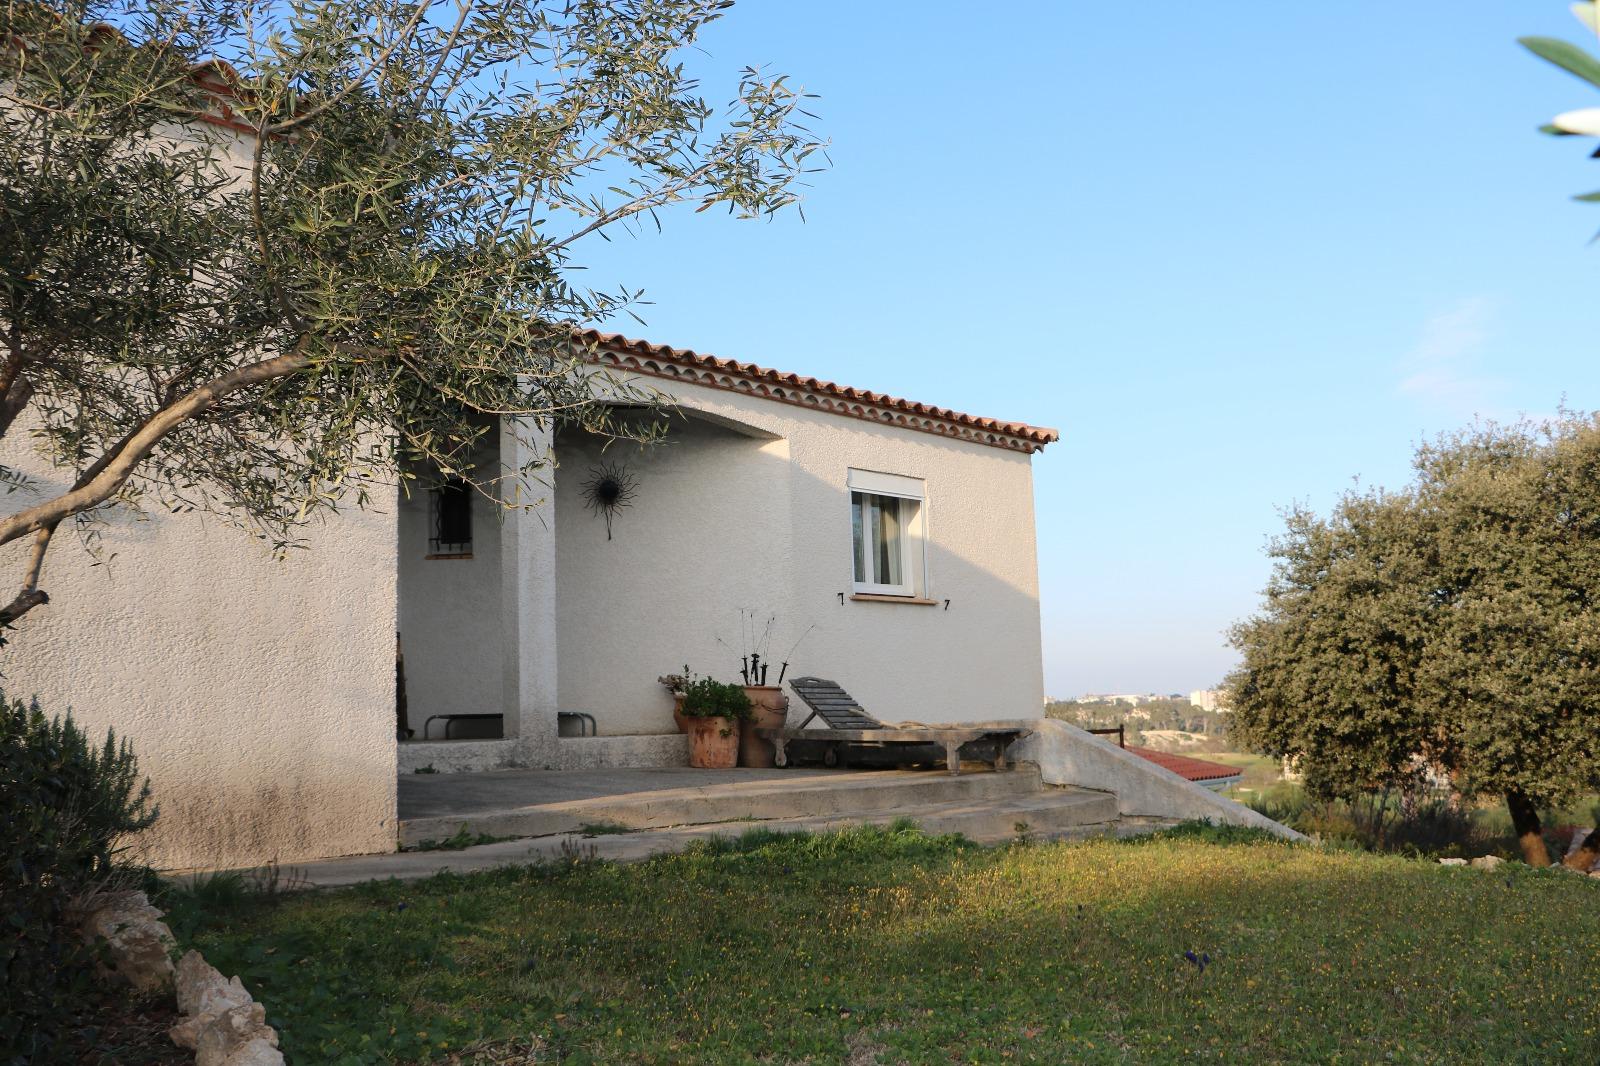 Maison familiale au golf de juvignac paul caumette for Garage juvignac